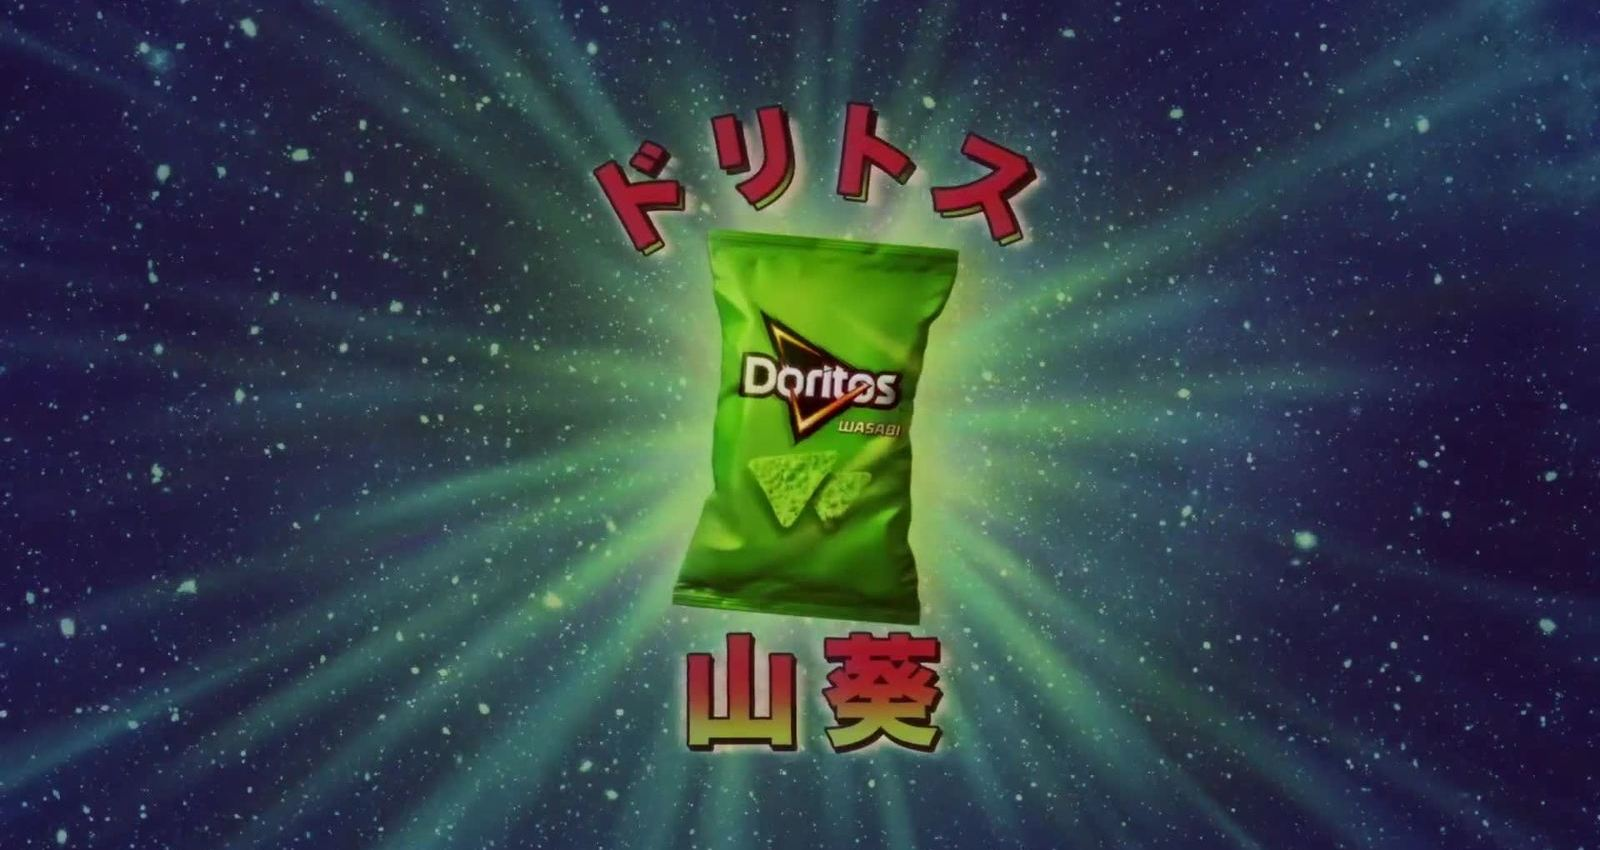 Doritos Wasabi